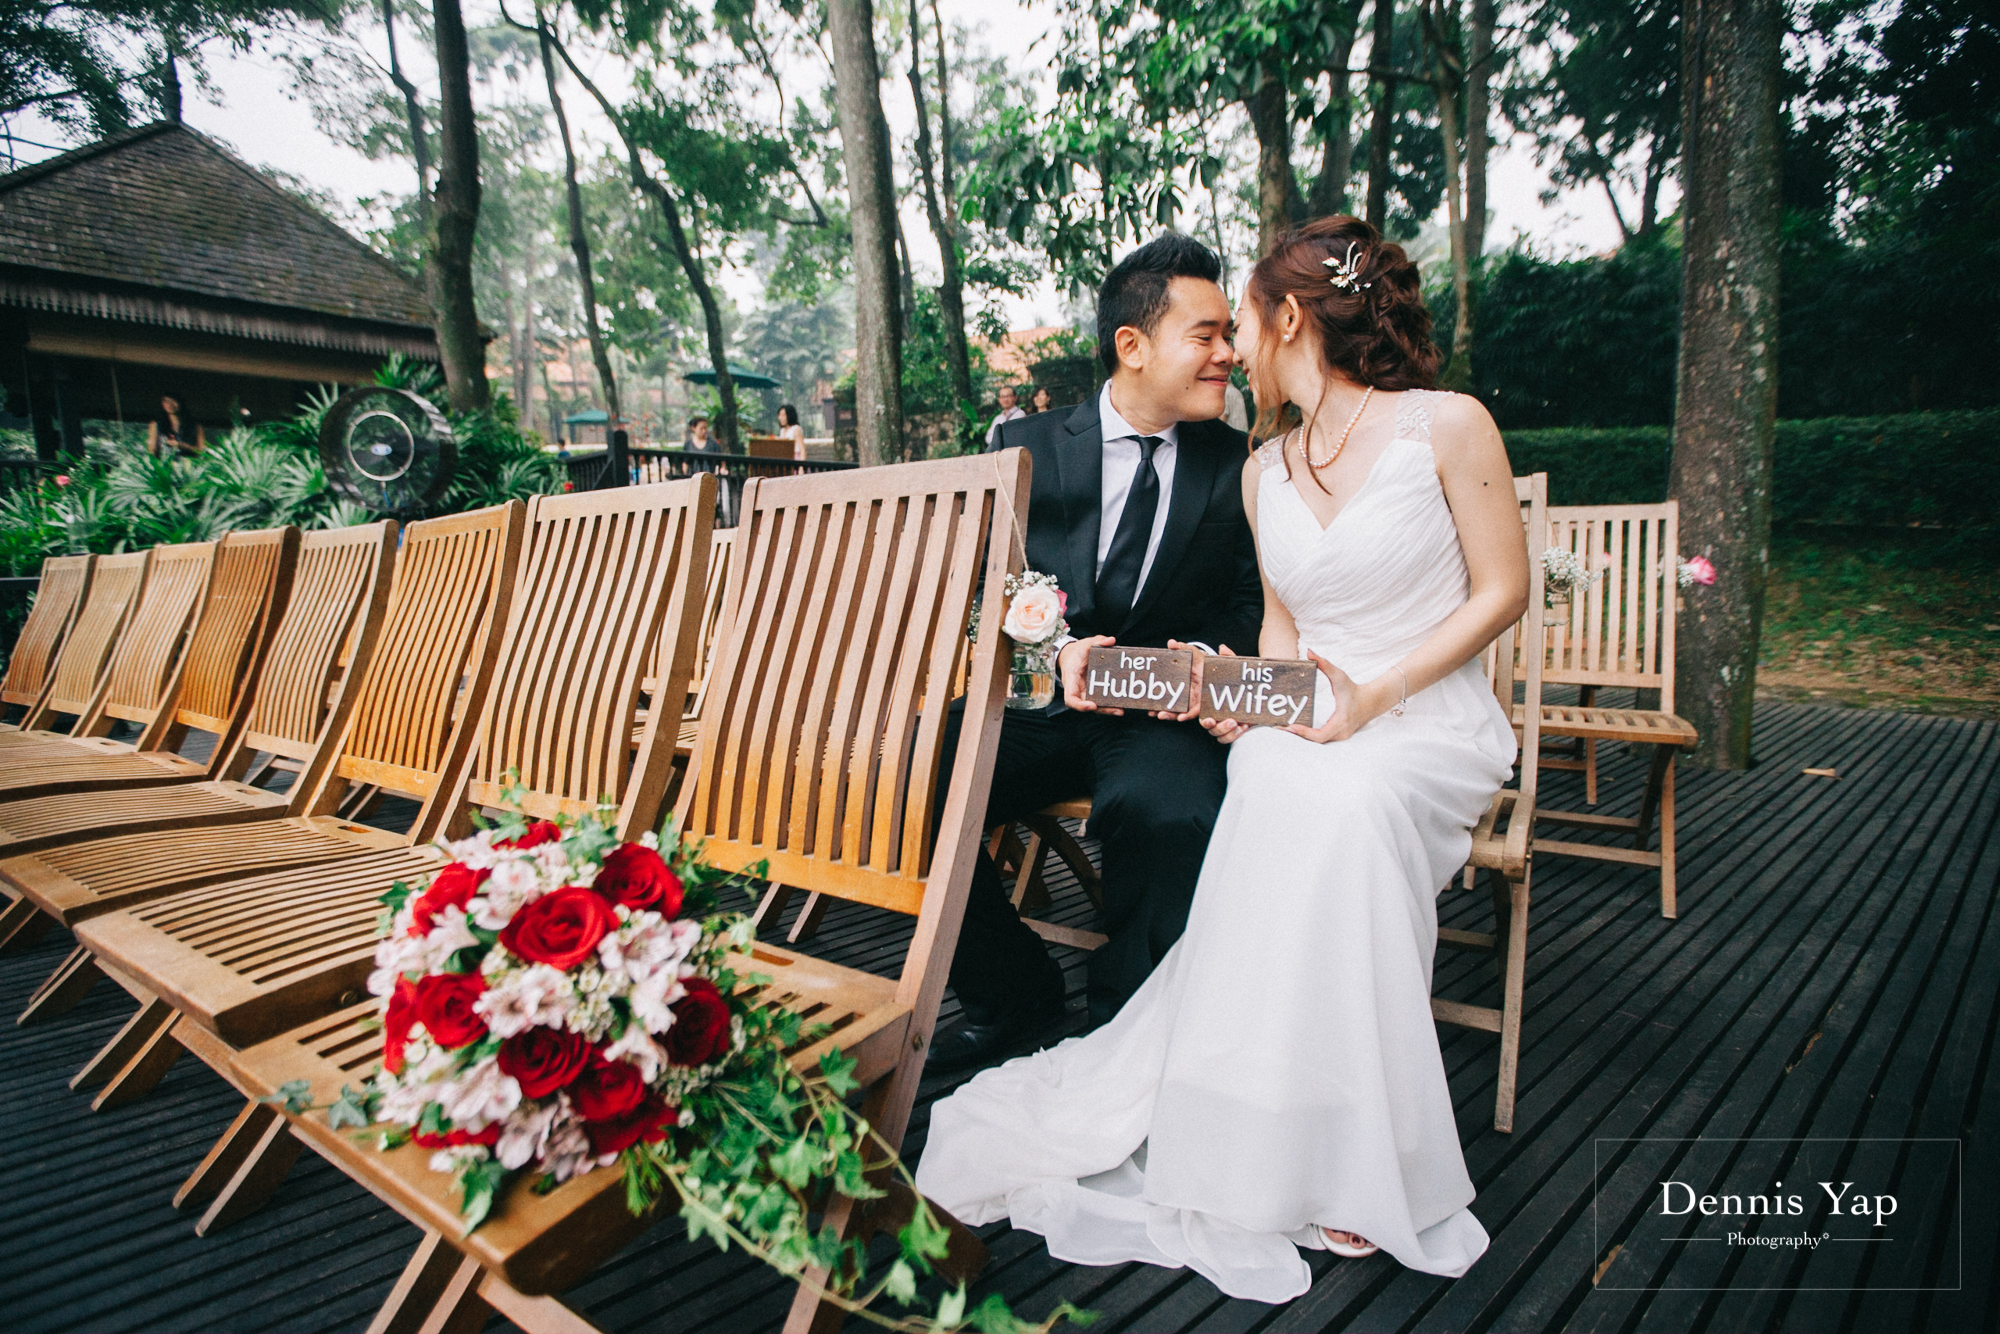 jason su lin rom registration gita bayu serdang wedding reception ceremony dennis yap photography fog malaysia-4.jpg